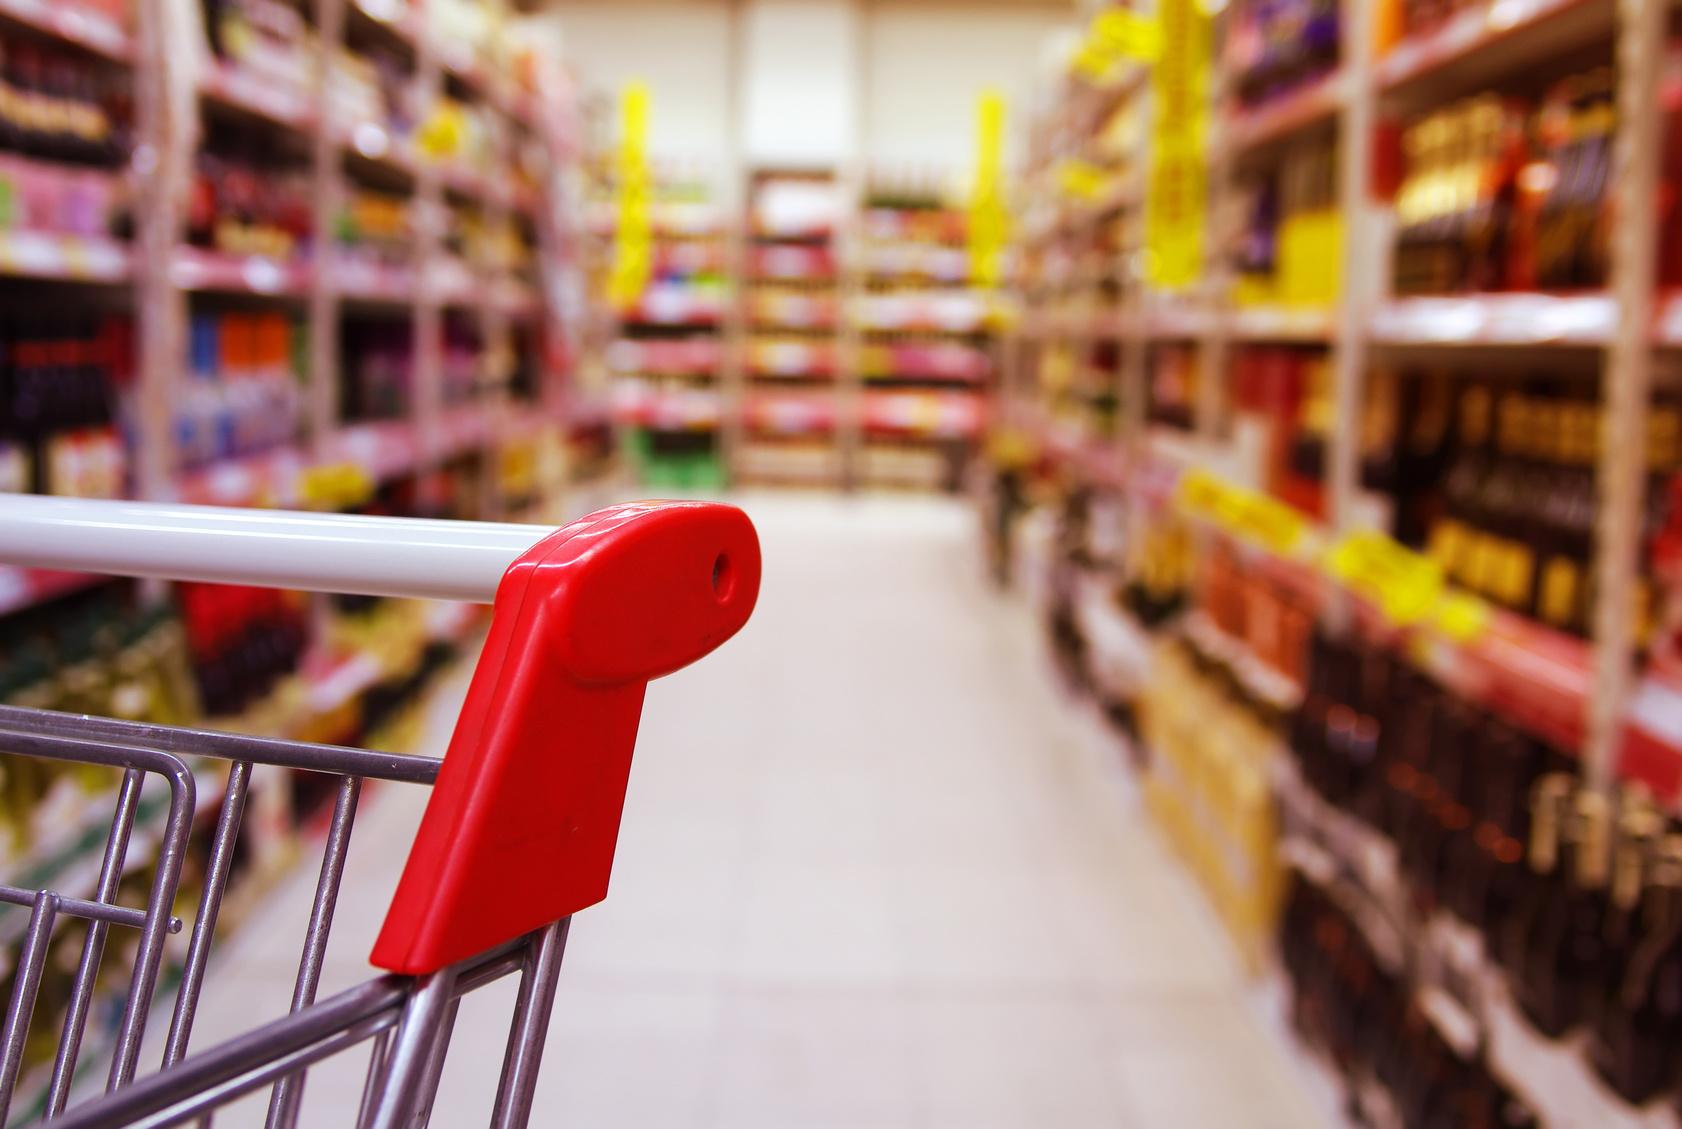 Wieso gibt es die guten Sachen eigentlich nie beim Discounter um die Ecke? Quelle: Fotolia.com © Light Impression